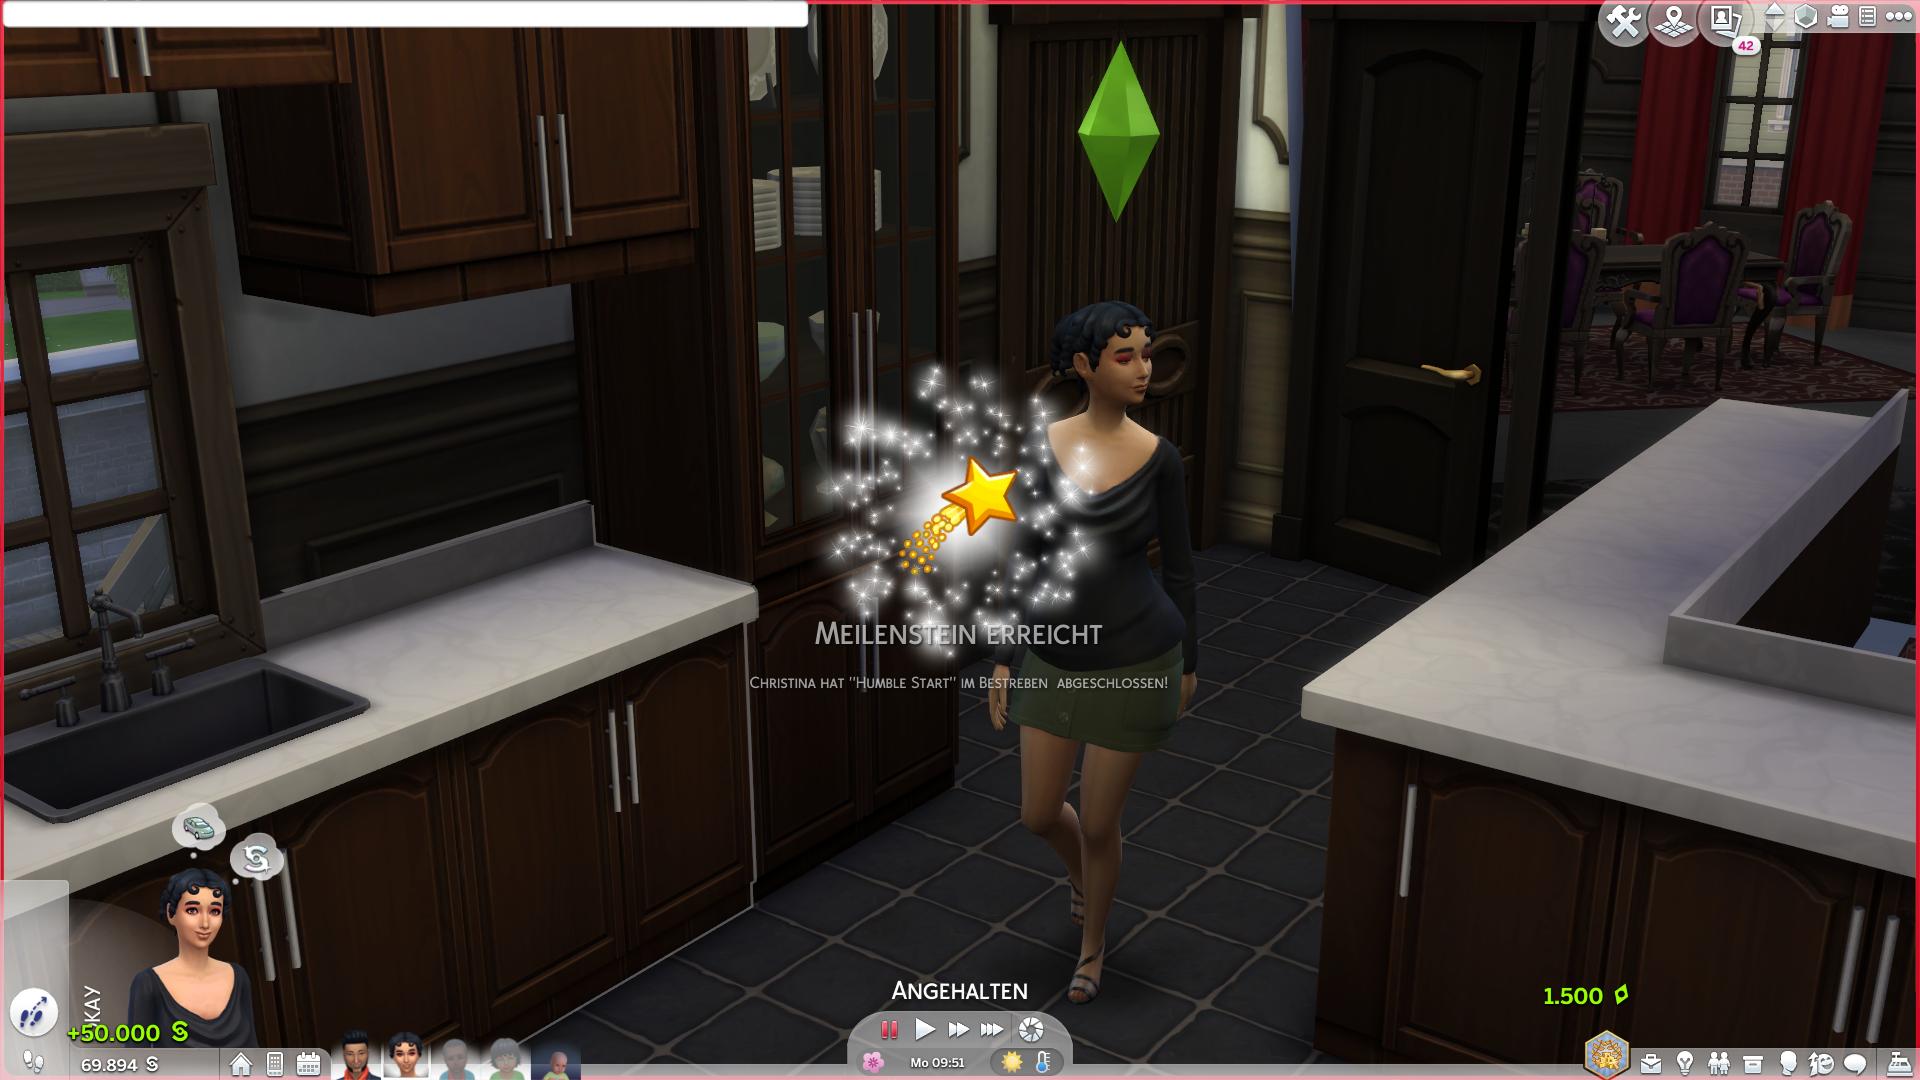 Sims online spielen - geht das?